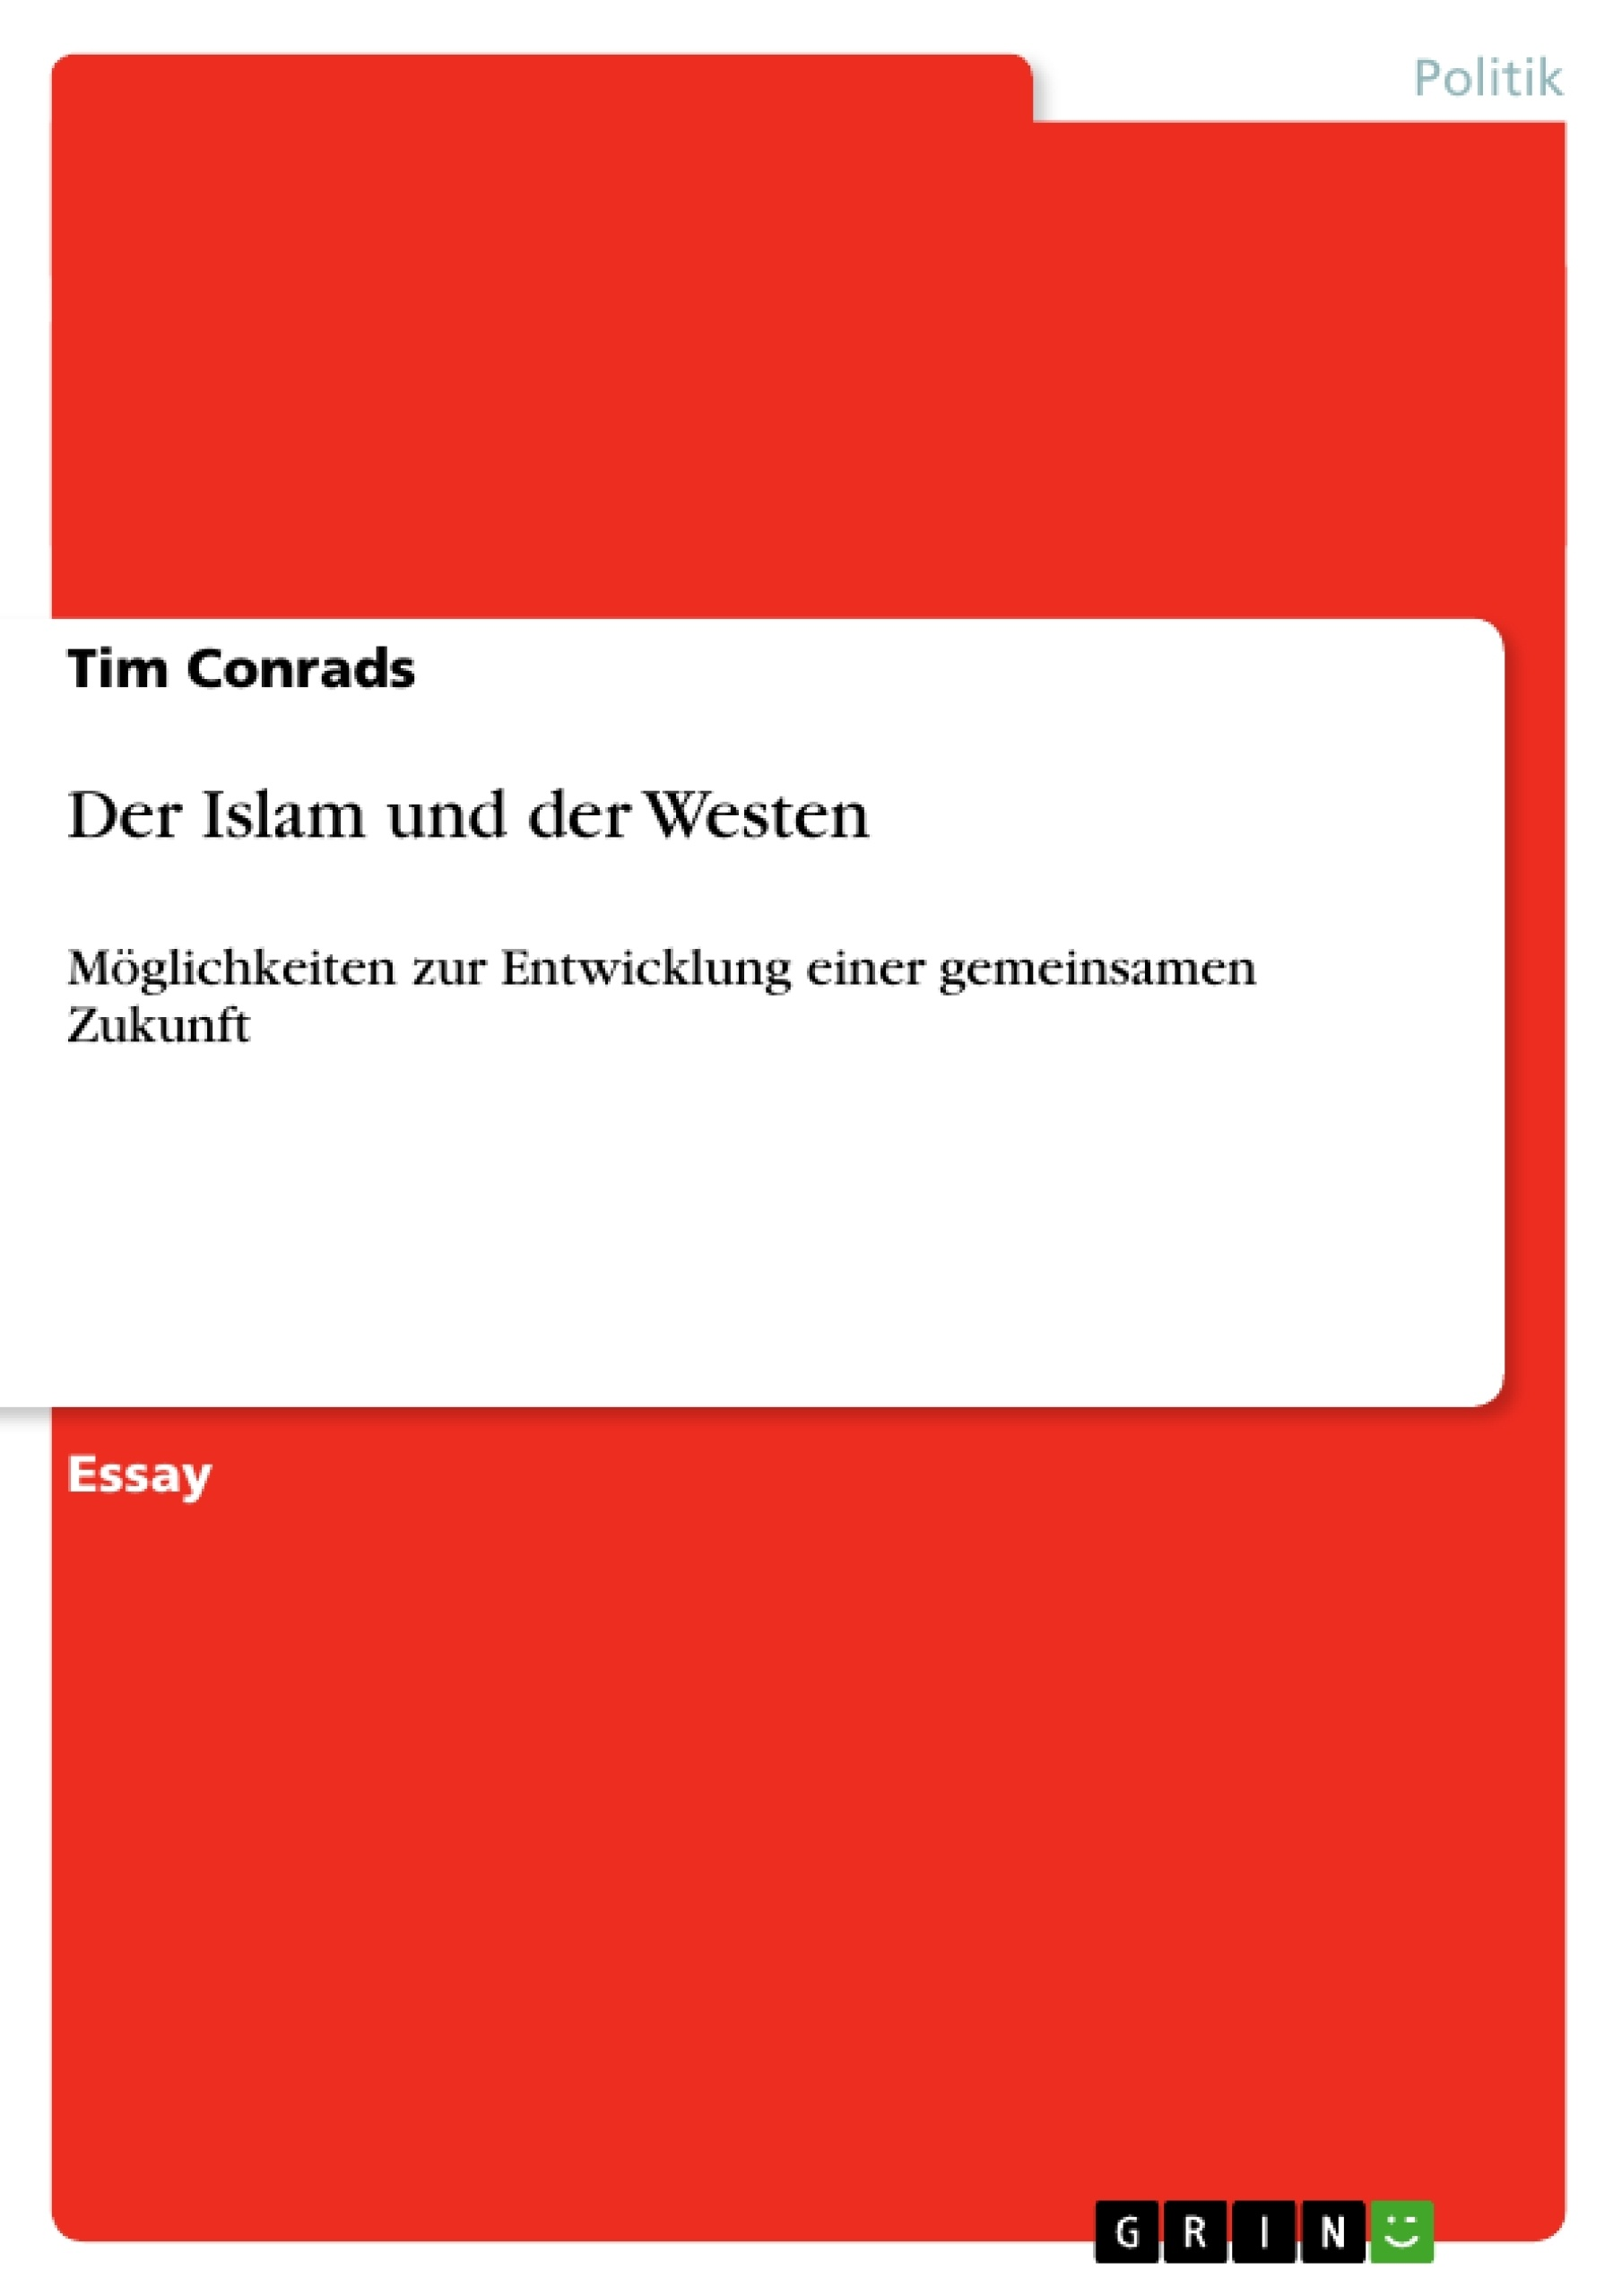 Titel: Der Islam und der Westen